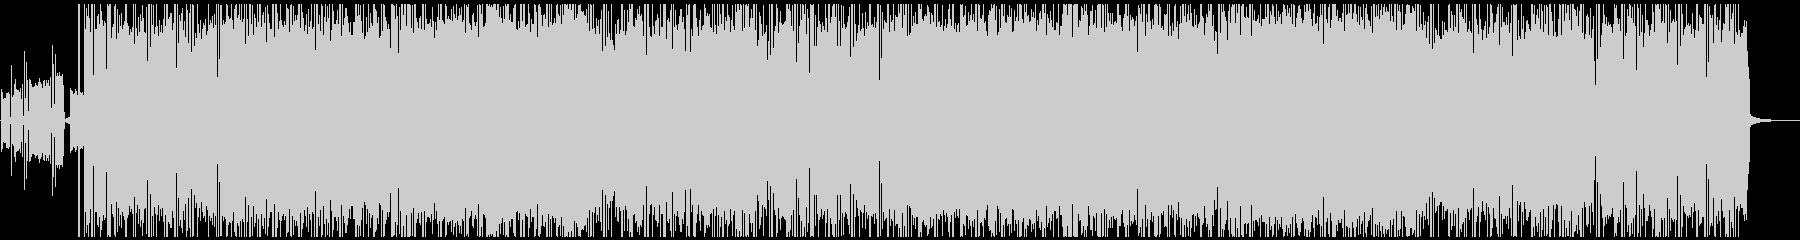 スロー/ミドルテンポのギターロックの未再生の波形